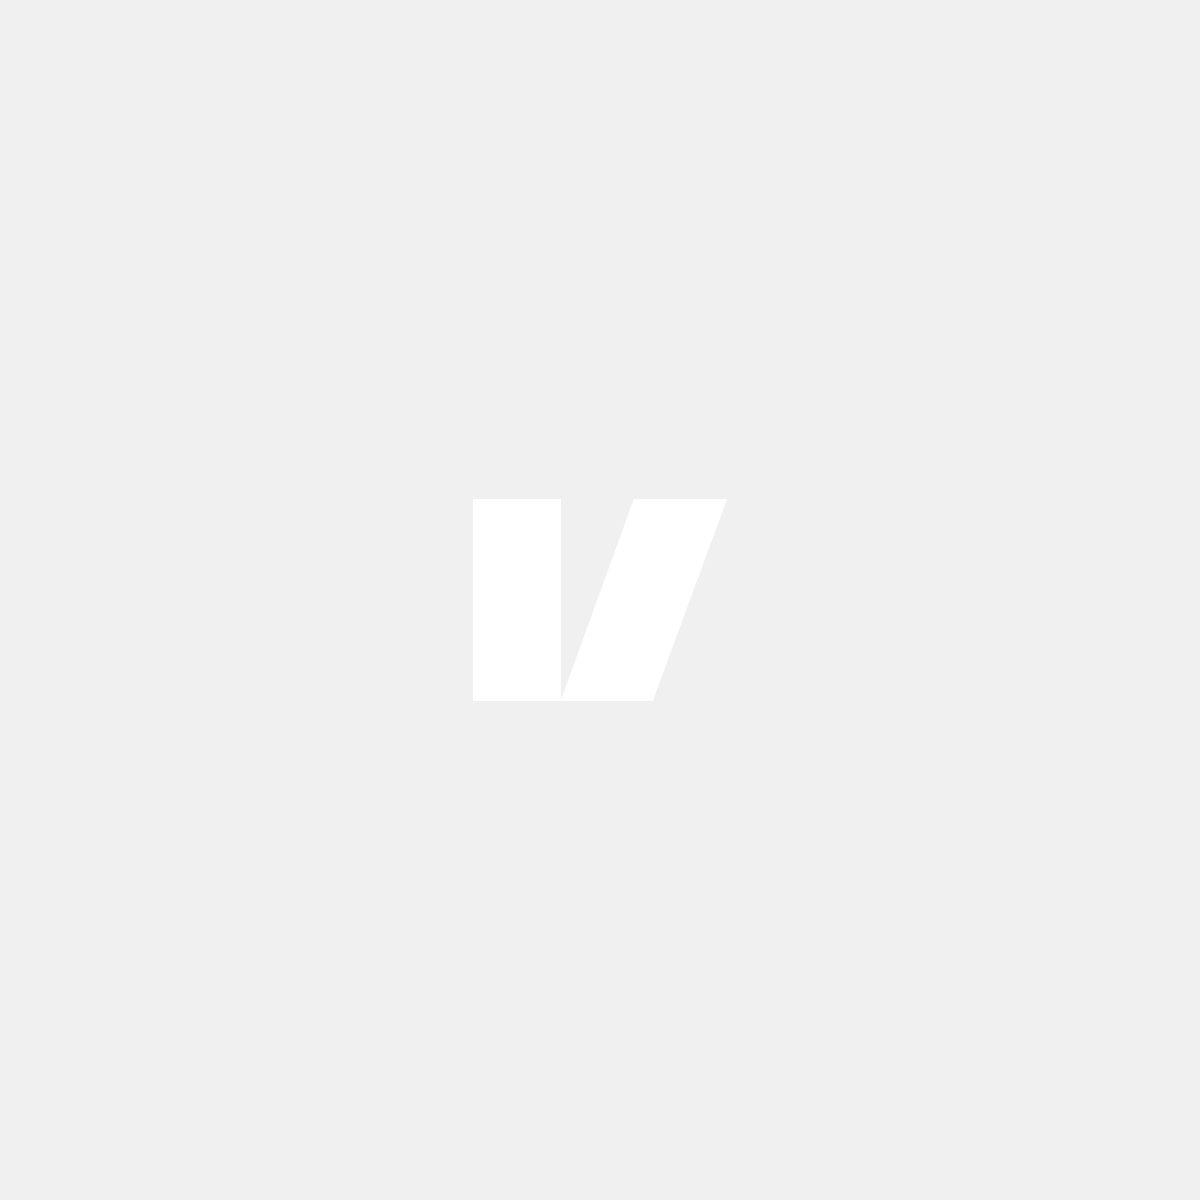 Kromad klarglasblinkers till Volvo S40, V40 01-04, passagerarsidan